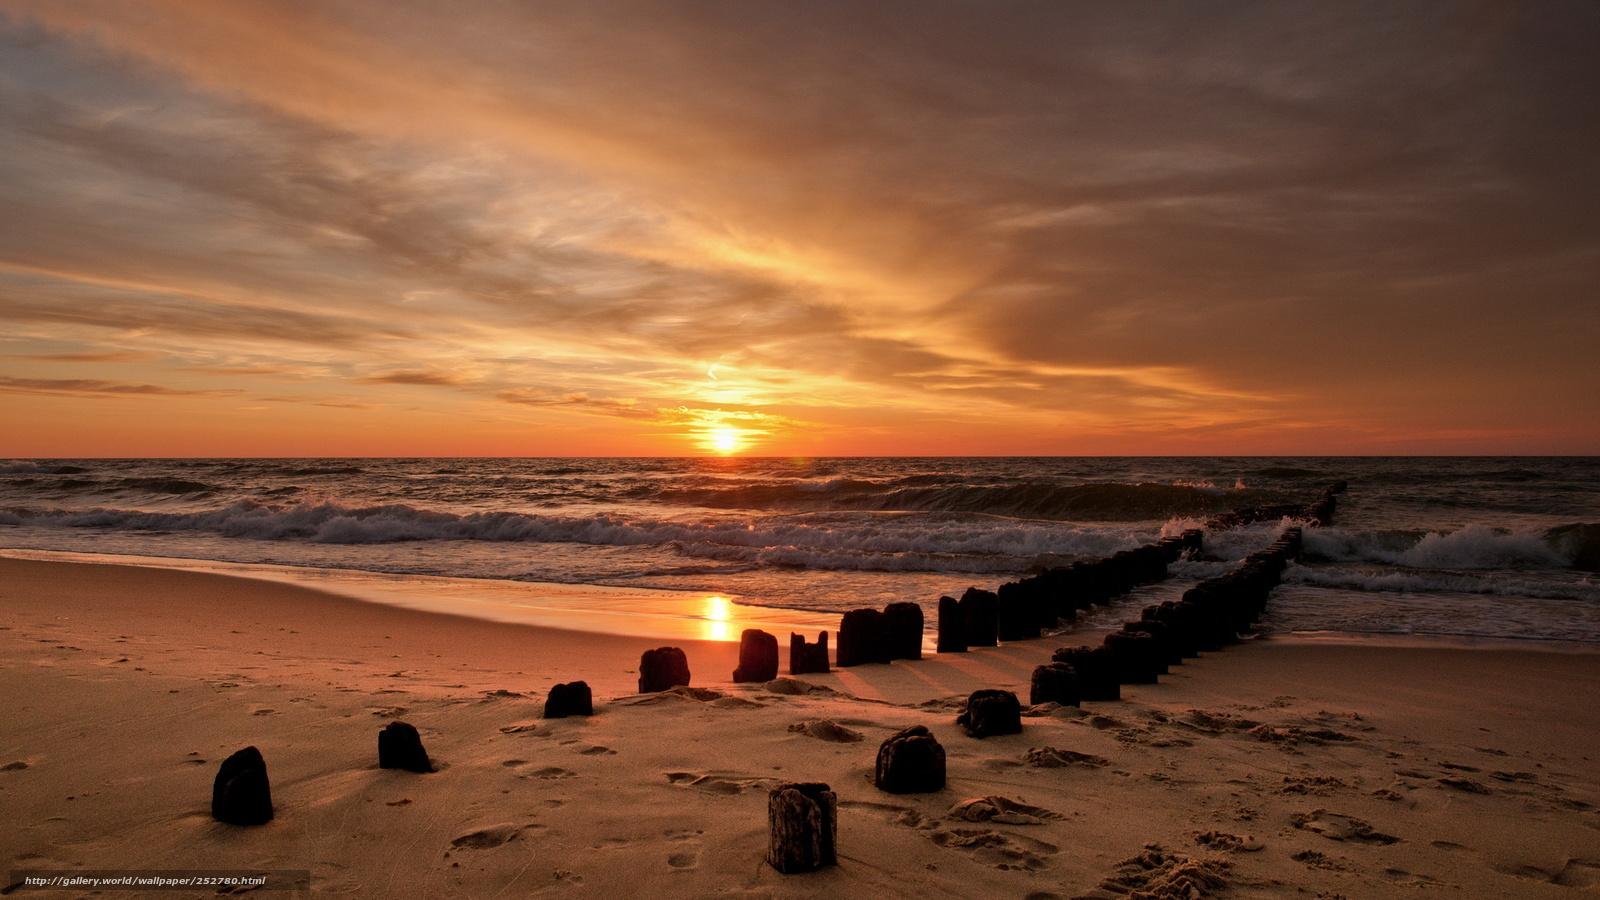 Tlcharger fond d 39 ecran coucher du soleil mer ciel fonds - Fond ecran coucher de soleil sur la mer ...